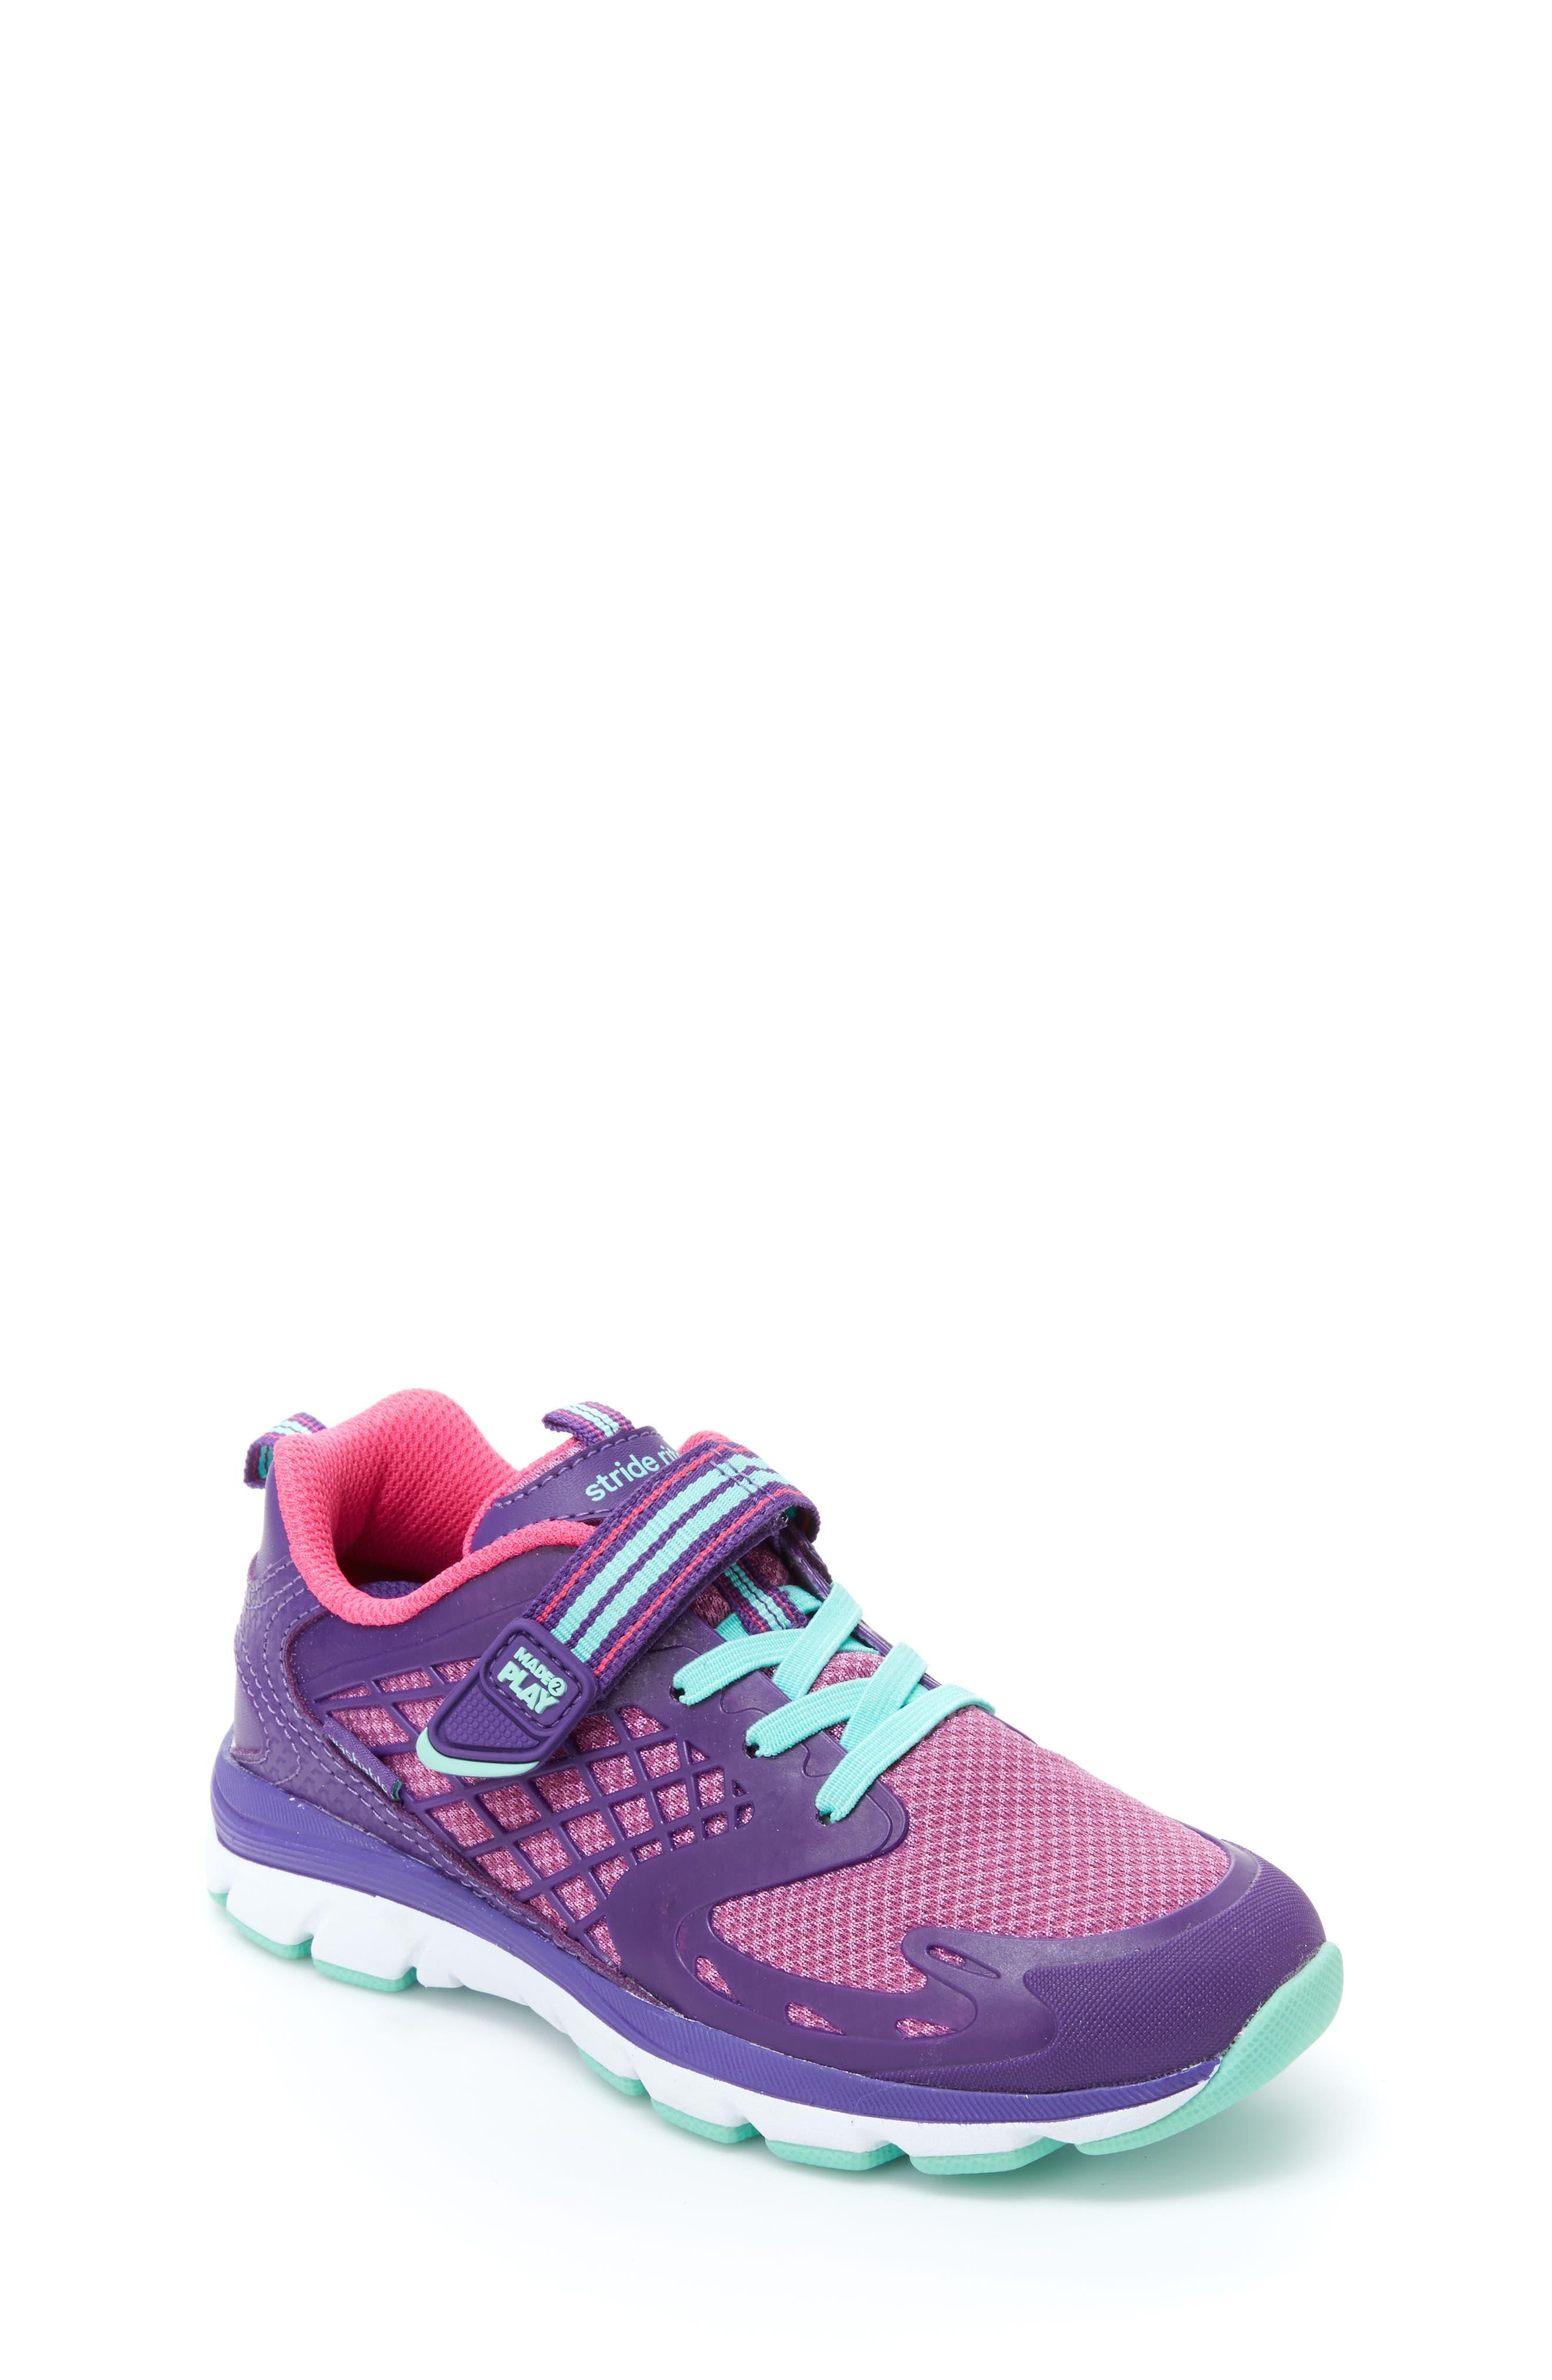 'Made2Play<sup>®</sup> Cannan Lace' Sneaker,                             Main thumbnail 1, color,                             500